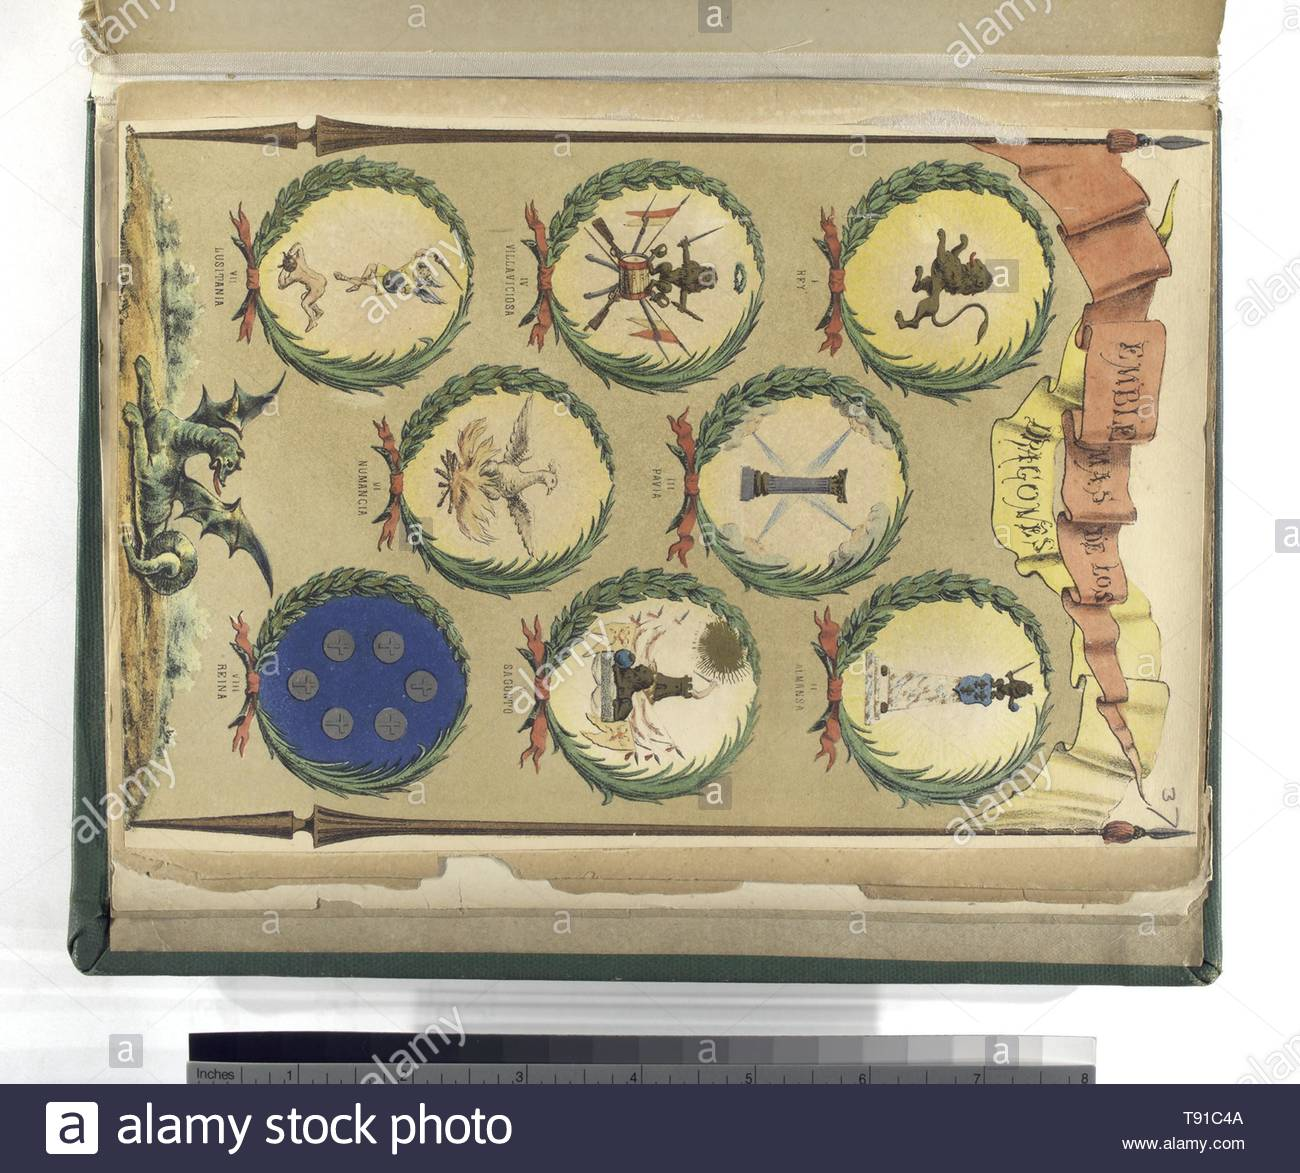 Anonymous-Emblemas, de Los Dragones, I  Rey, II  Almansa, III  Pavia, IV  Villaviciosa, V  Sagunto, VI  Numancia, VII  Lusitania, VIII  Reina - Stock Image